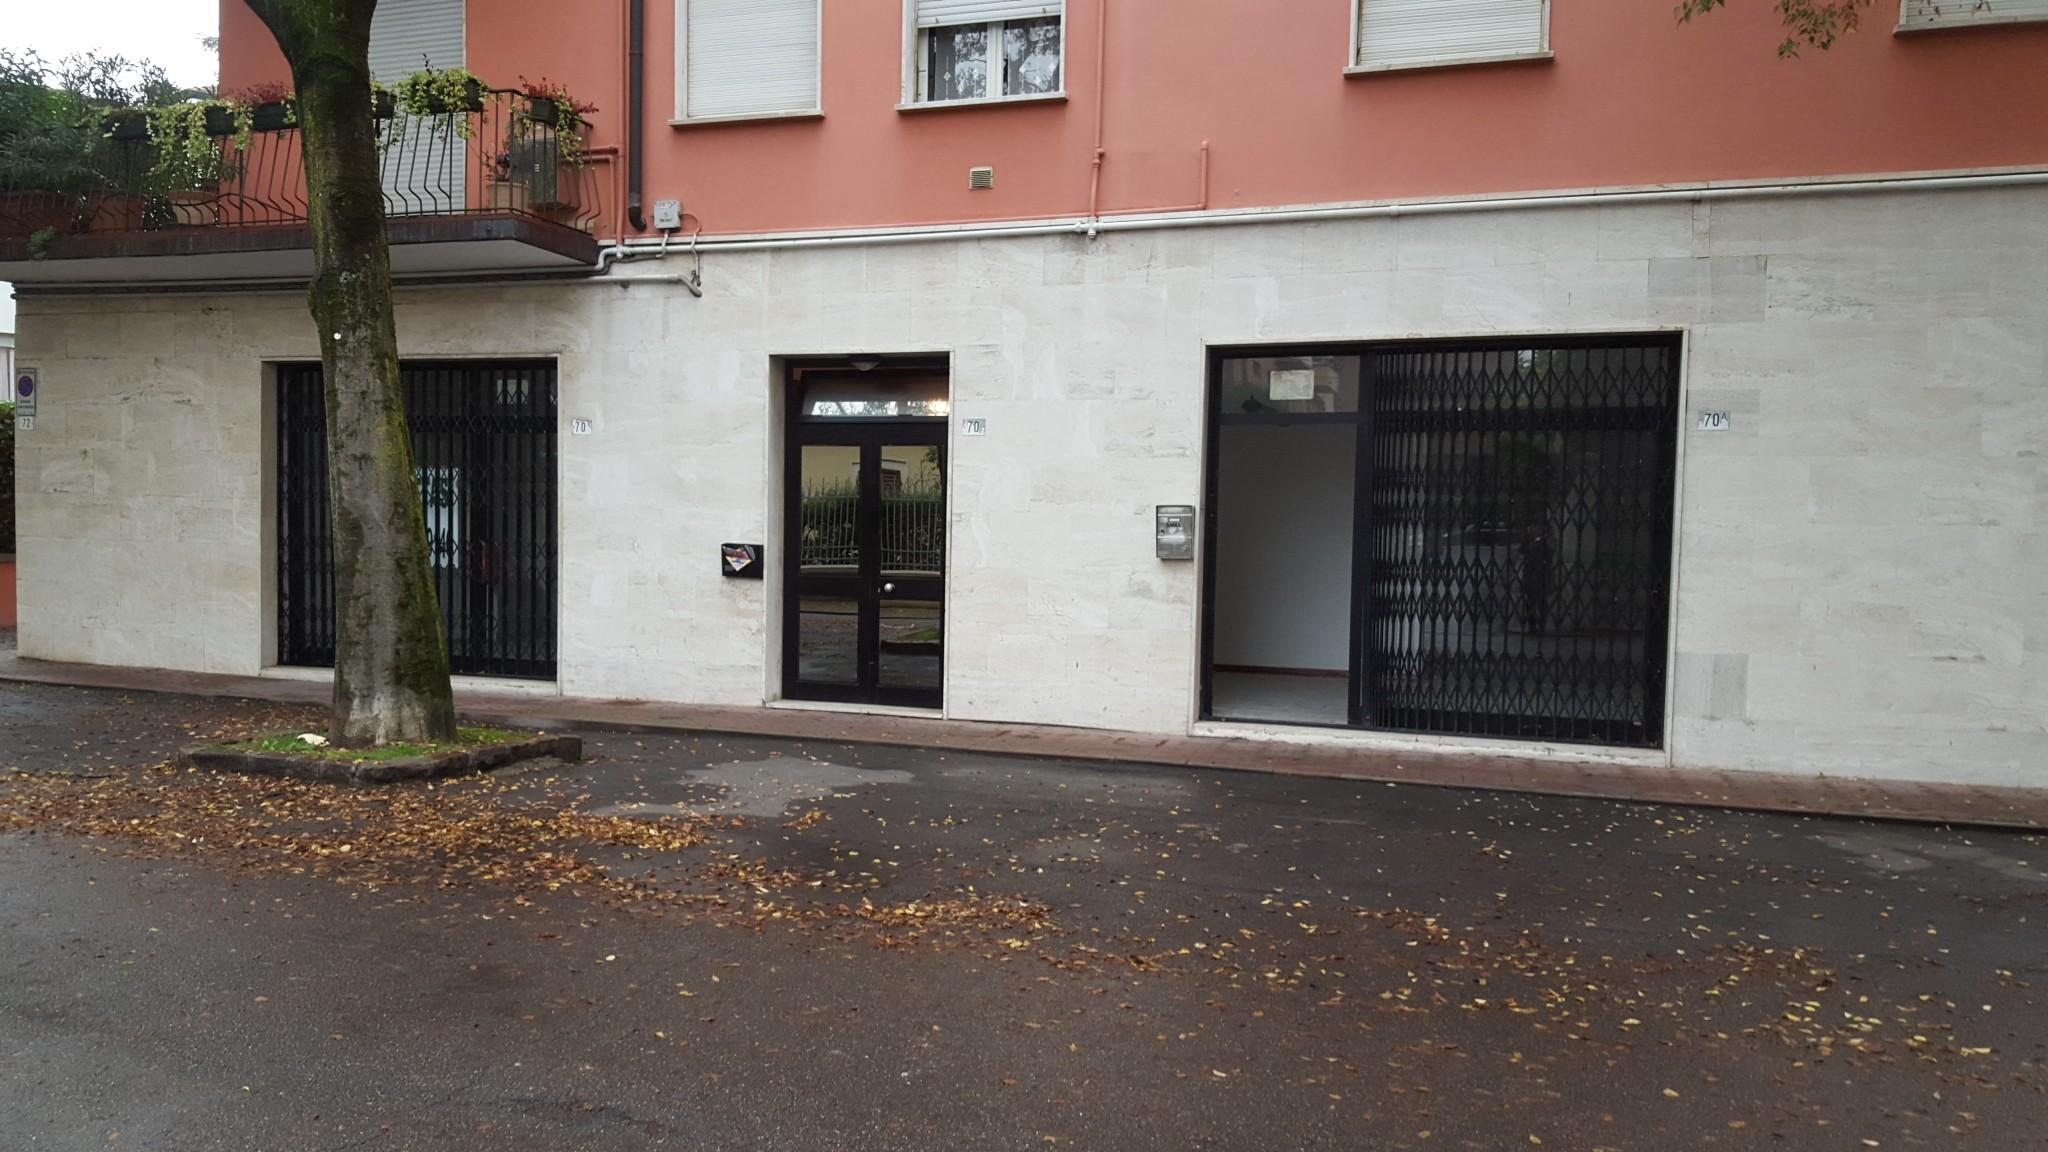 Affitto laboratorio modena zona sant 39 agnese for Stanze in affitto modena